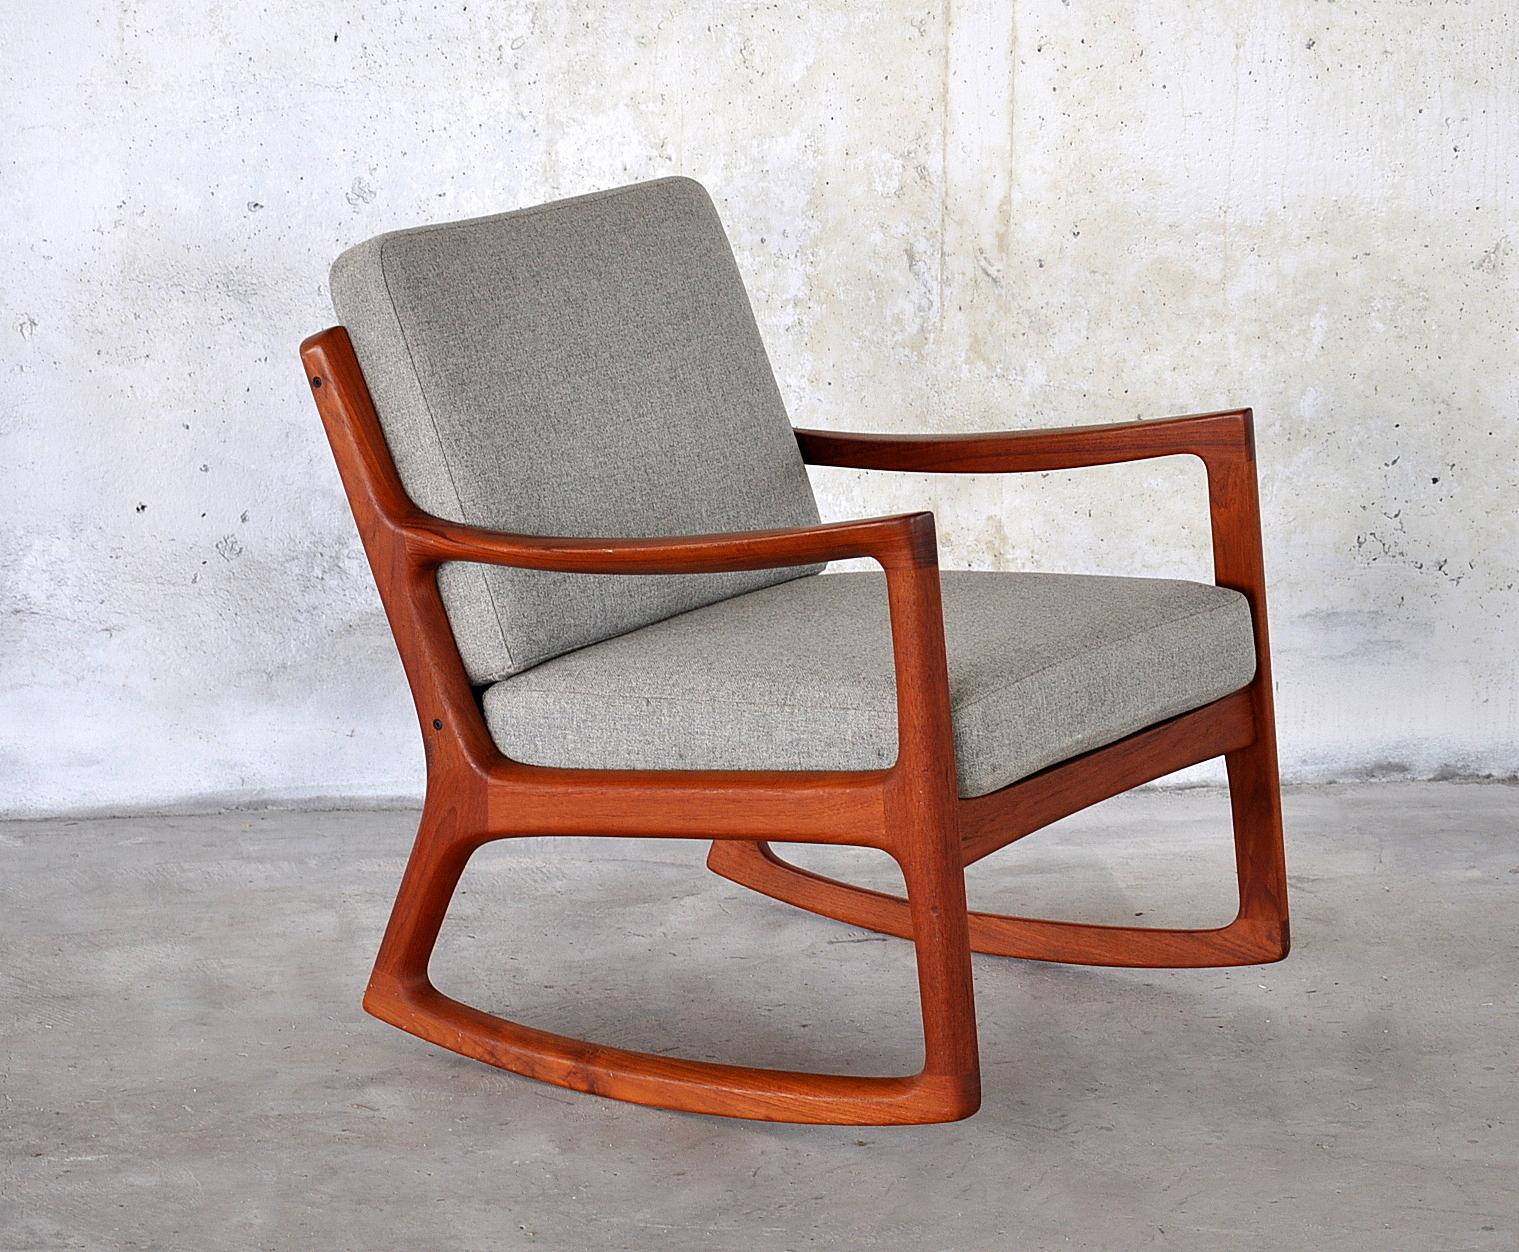 Select modern ole wanscher teak rocking chair - Rocking chair de jardin ...